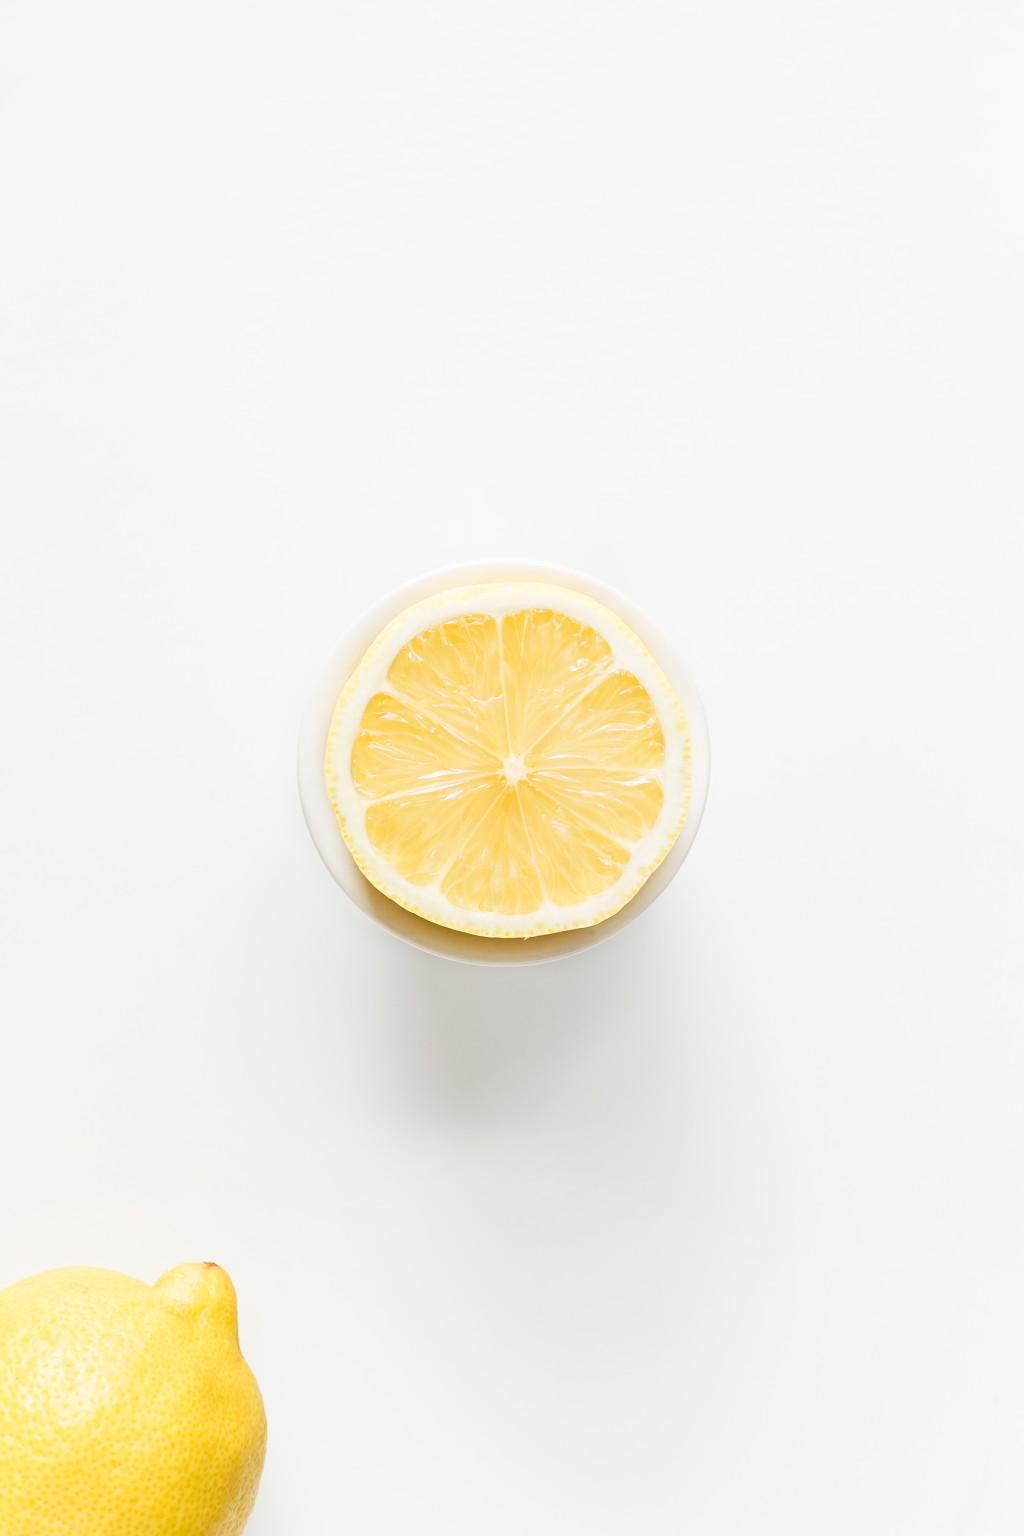 10 utilisations du citron qui vous seront utiles